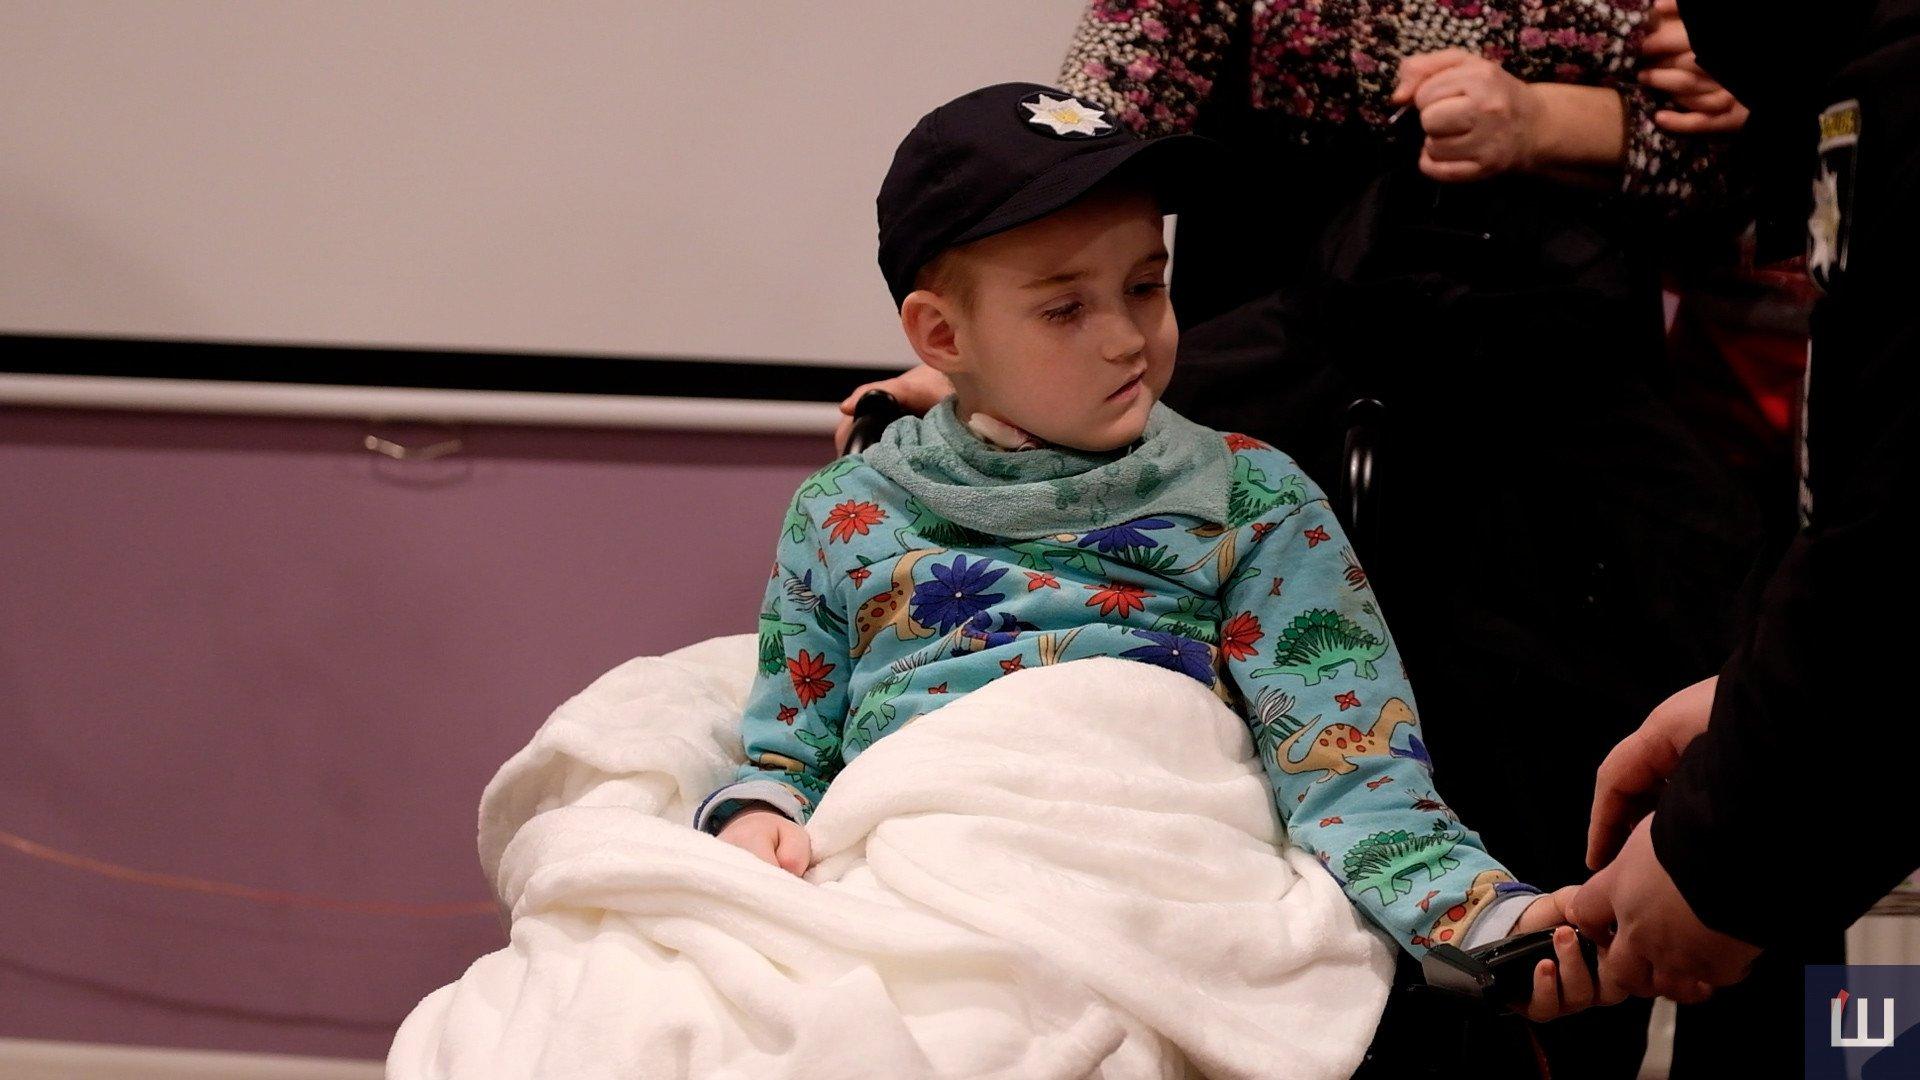 Осуществить заветную мечту: в Черновцах больного раком мальчика приняли в ряды полиции (ФОТО, ВИДЕО) - фото 7